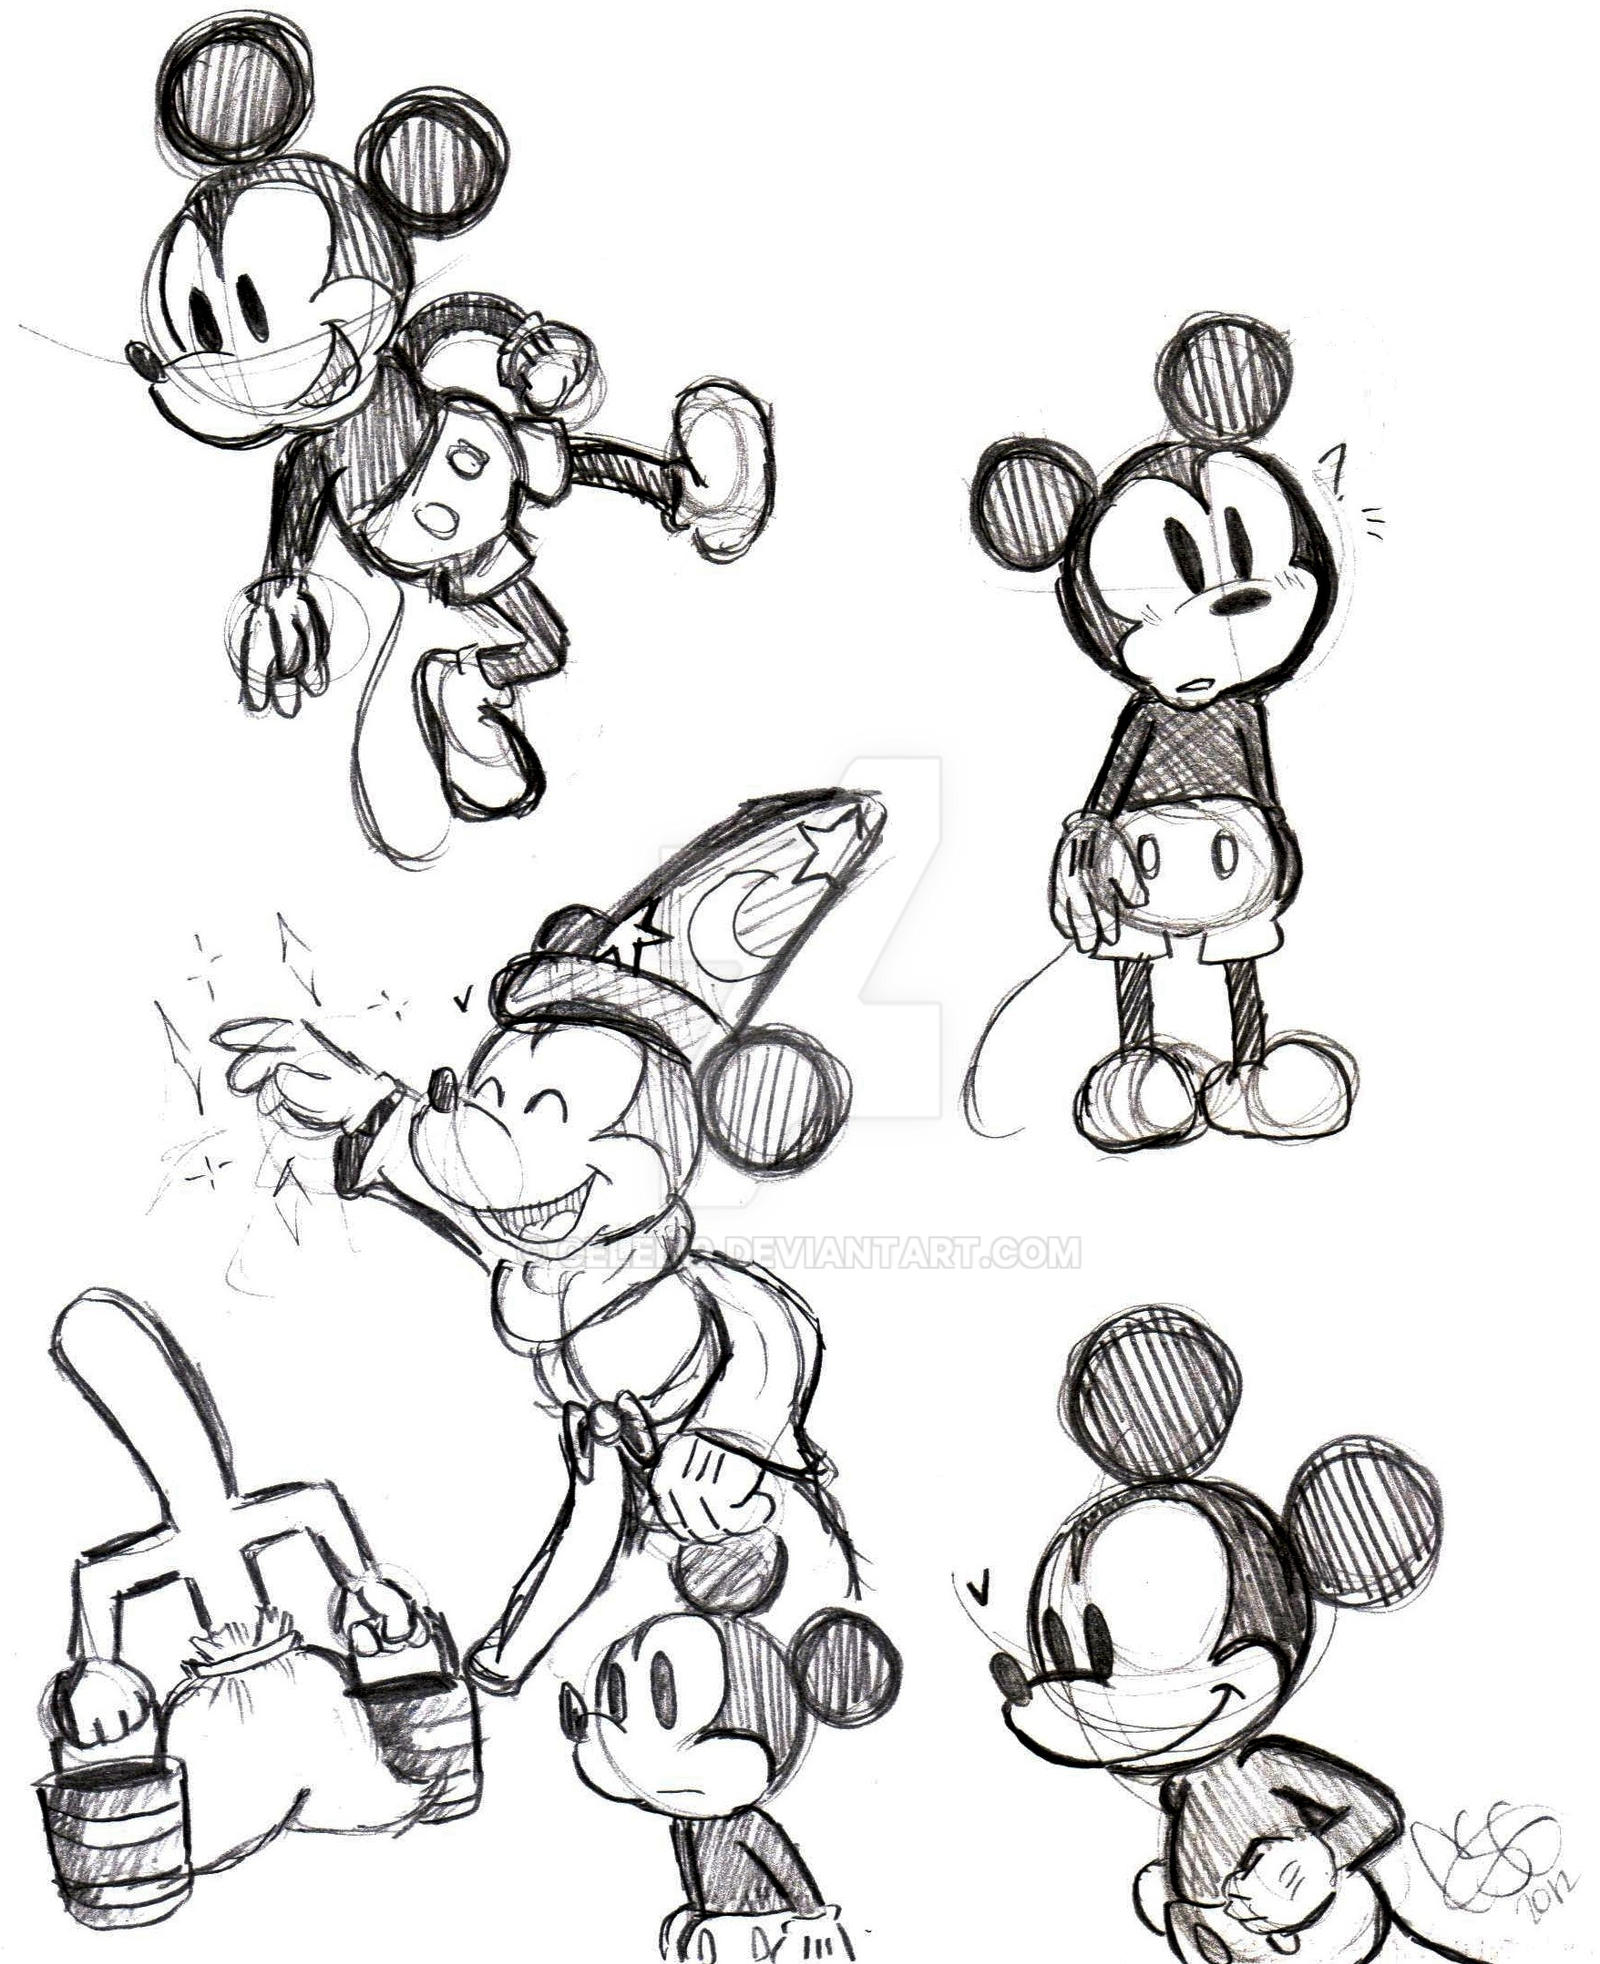 Uncategorized Mickey Drawings mickey drawings by celebi9 on deviantart celebi9